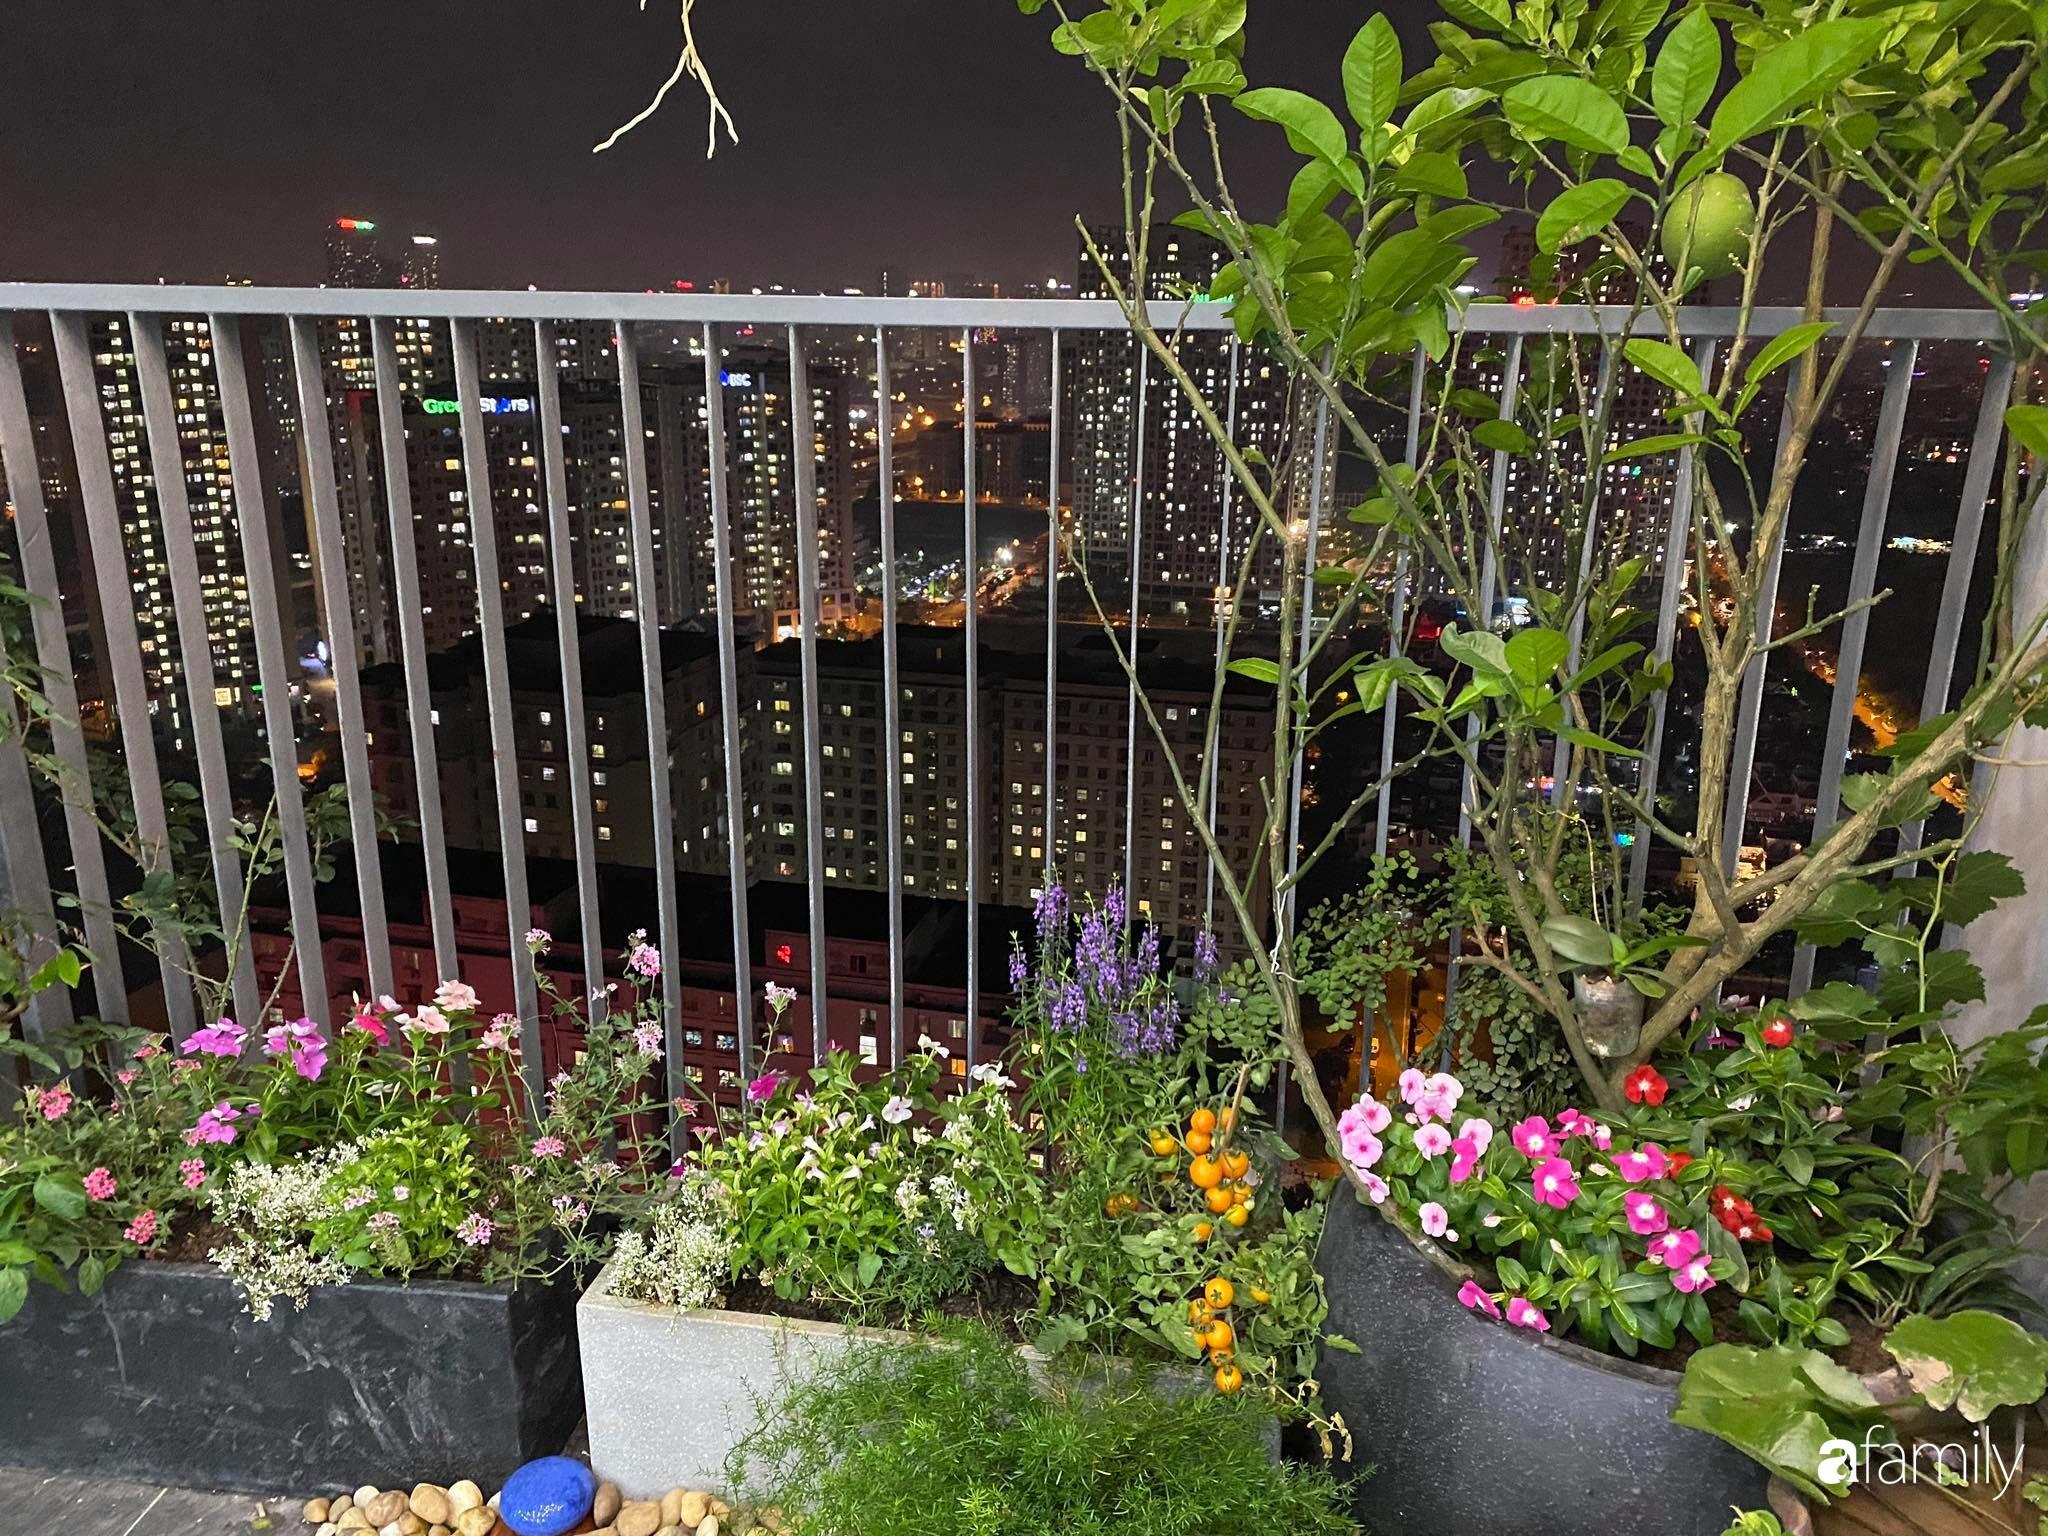 Ban công căn hộ thông tầng đẹp lãng mạn với cây và hoa ở Hà Nội - Ảnh 1.